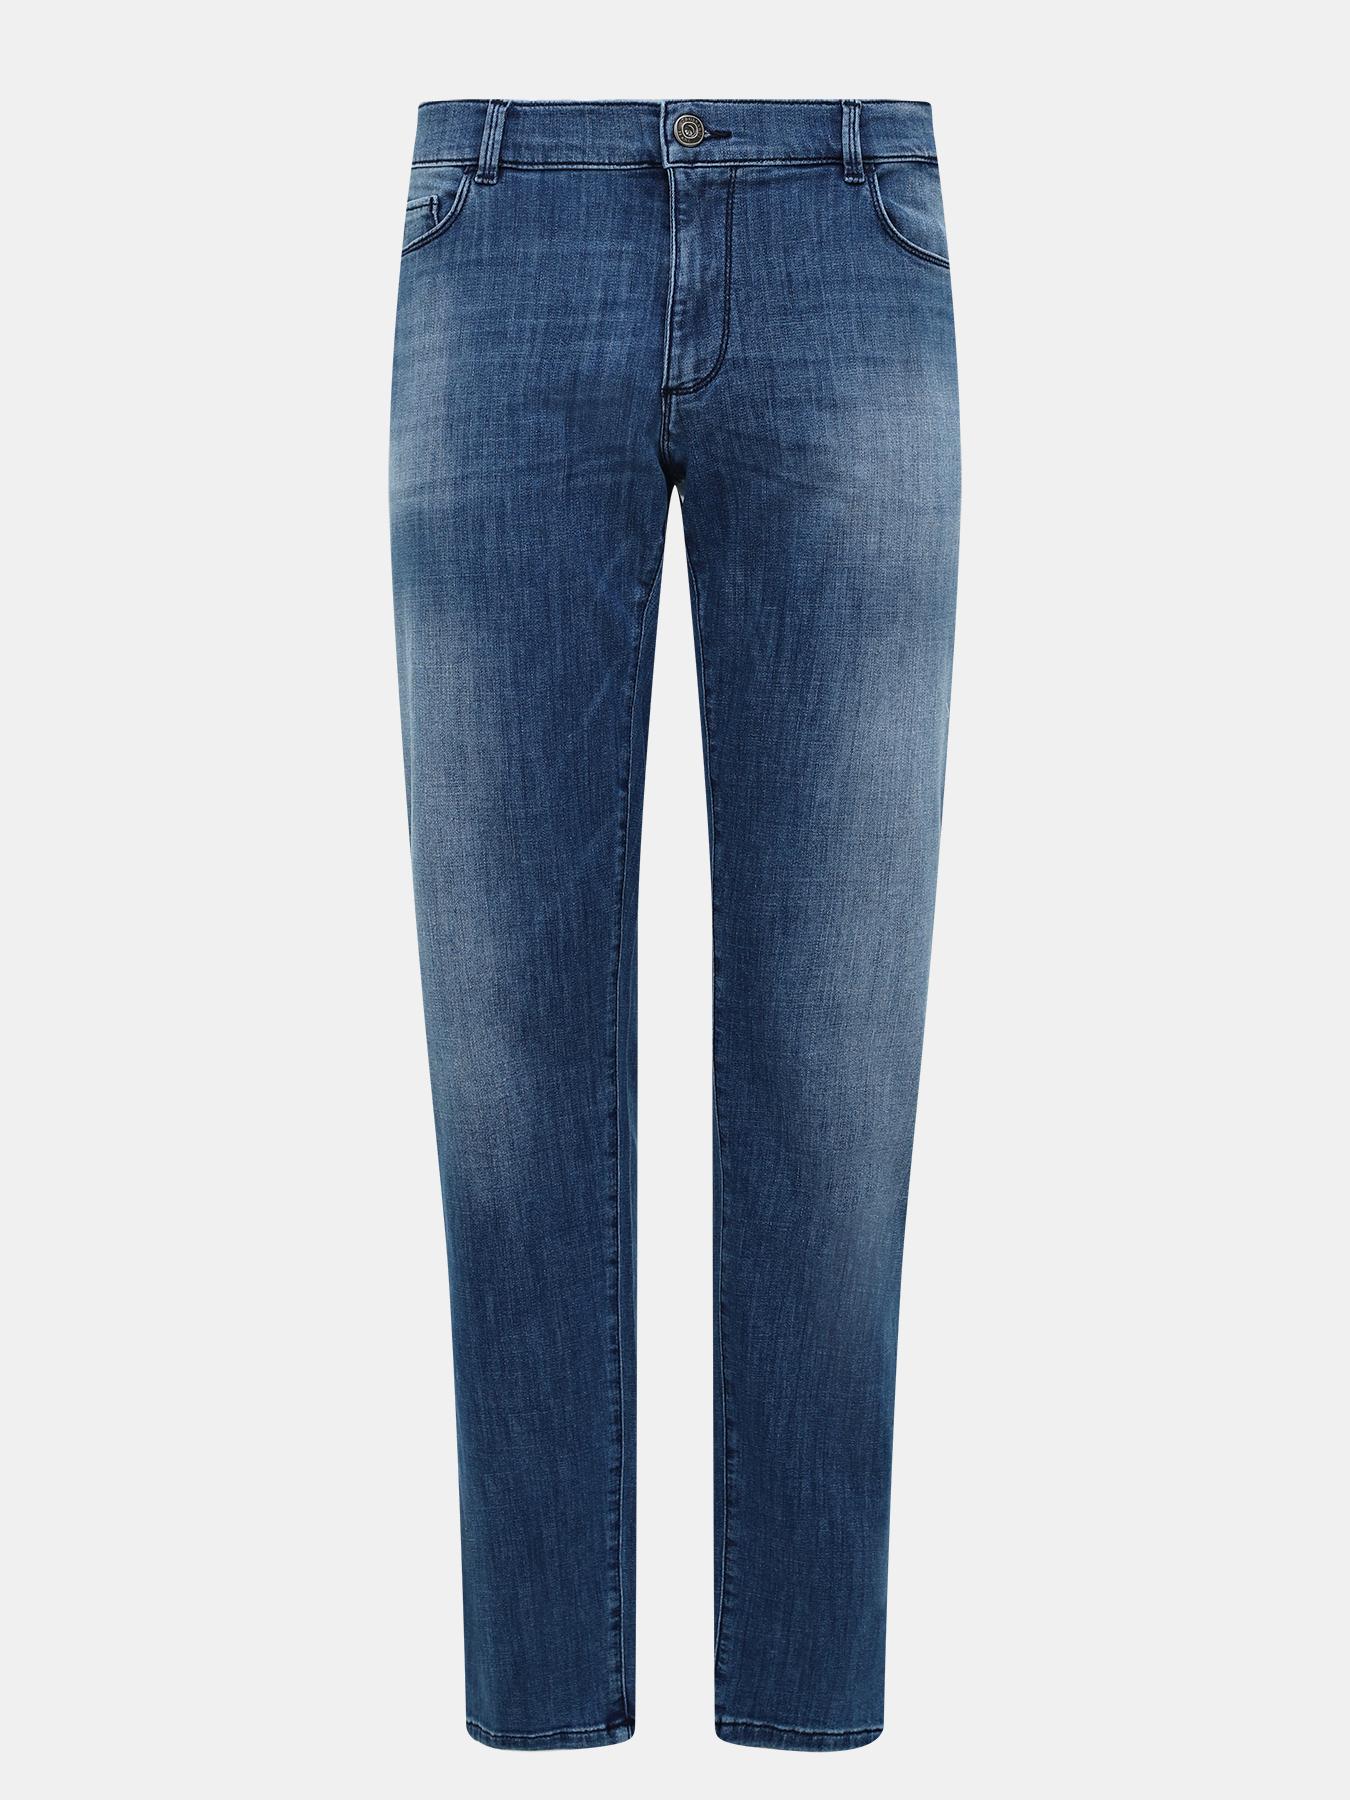 Джинсы Trussardi Джинсы джинсы levi s джинсы